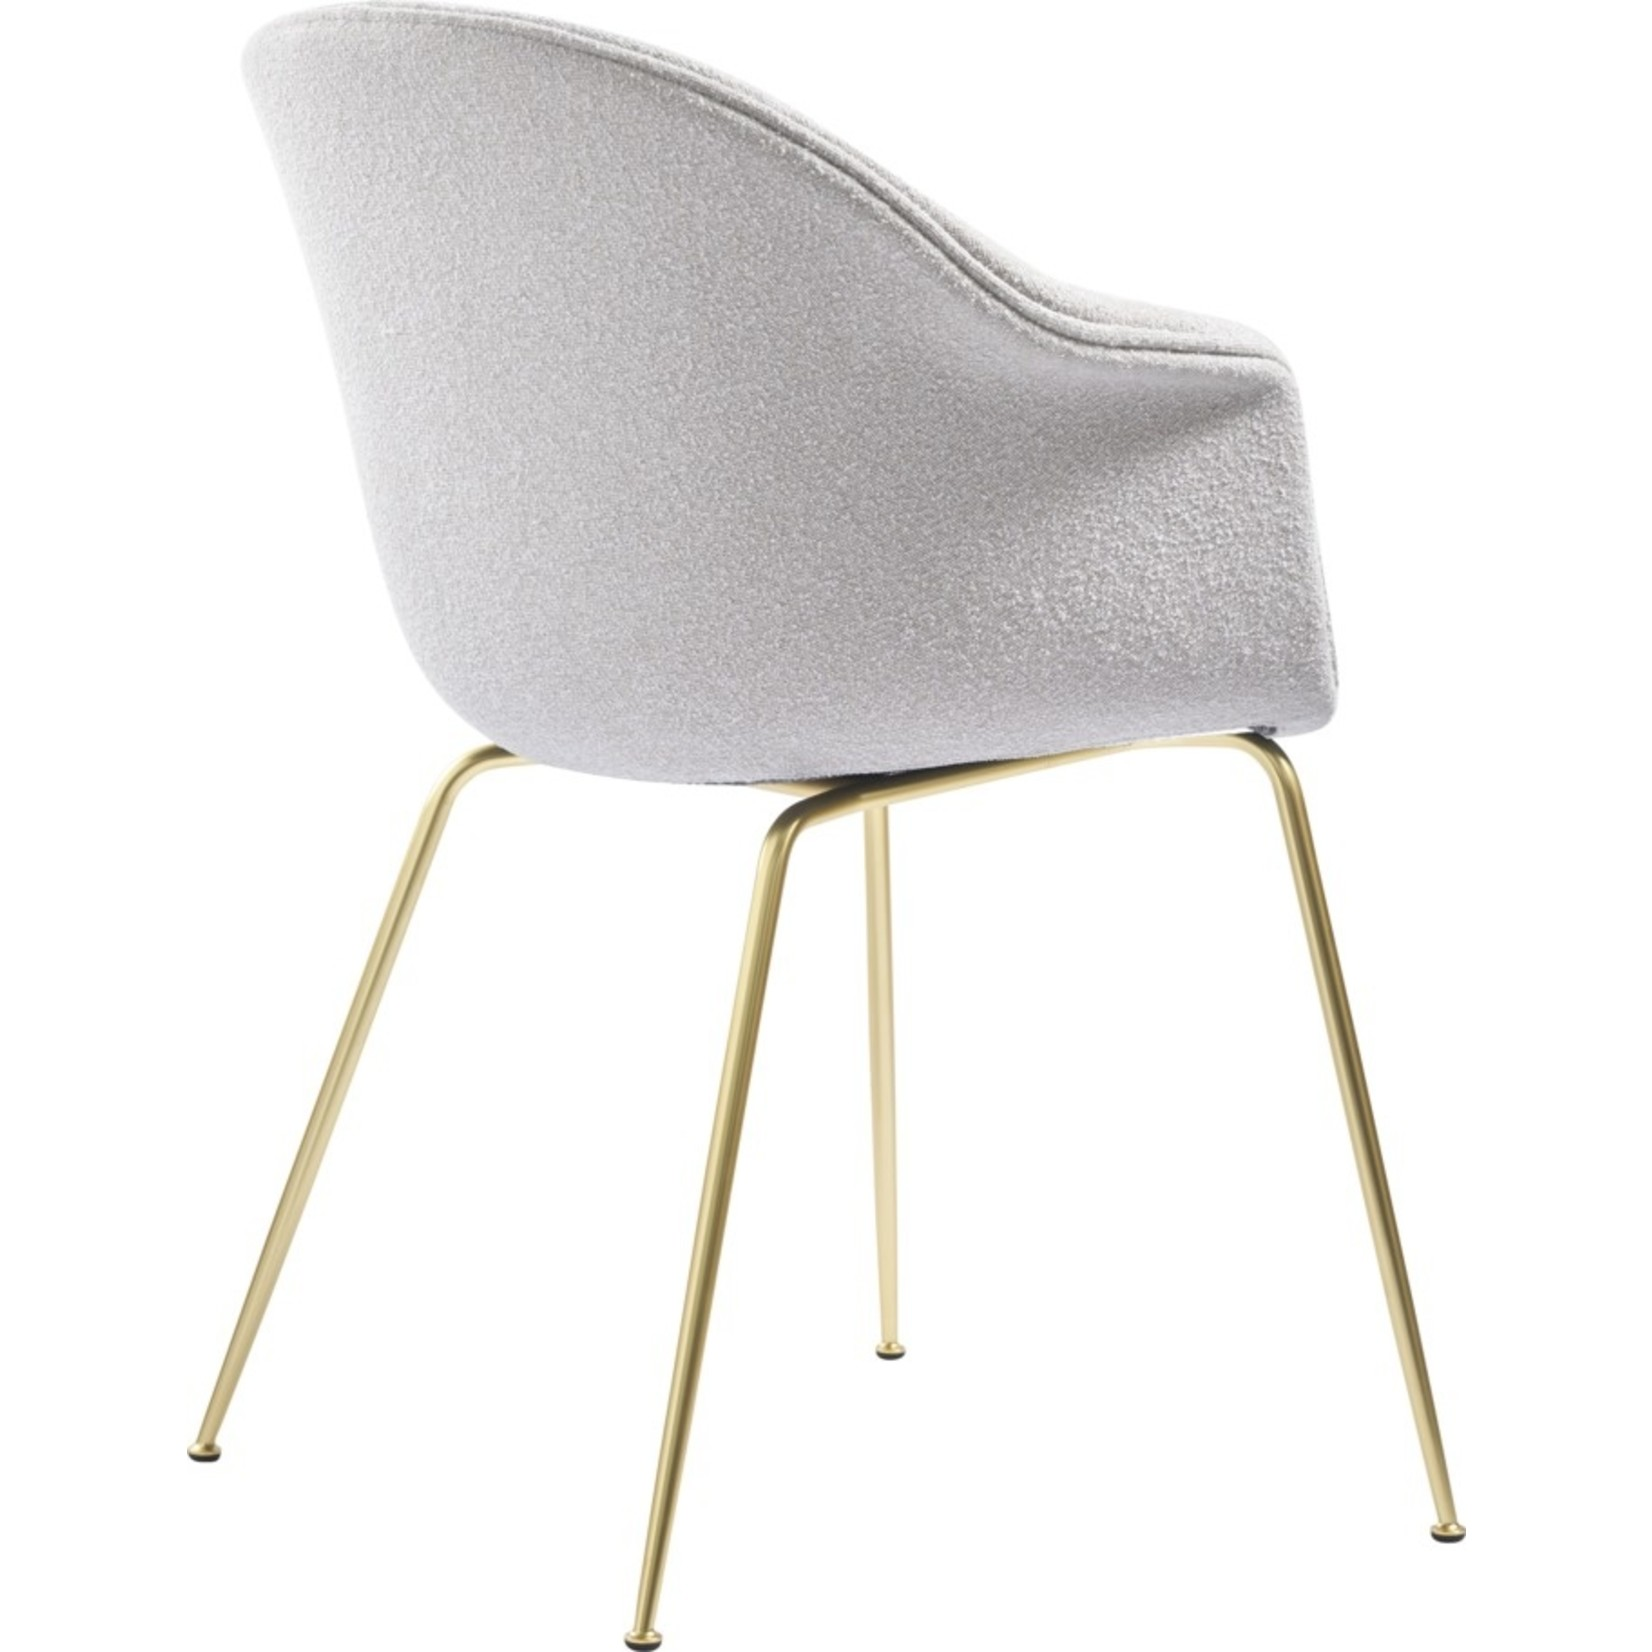 Gubi Bat Dining Chair | Light Bouclé 001 & Brass Semi Matt Base